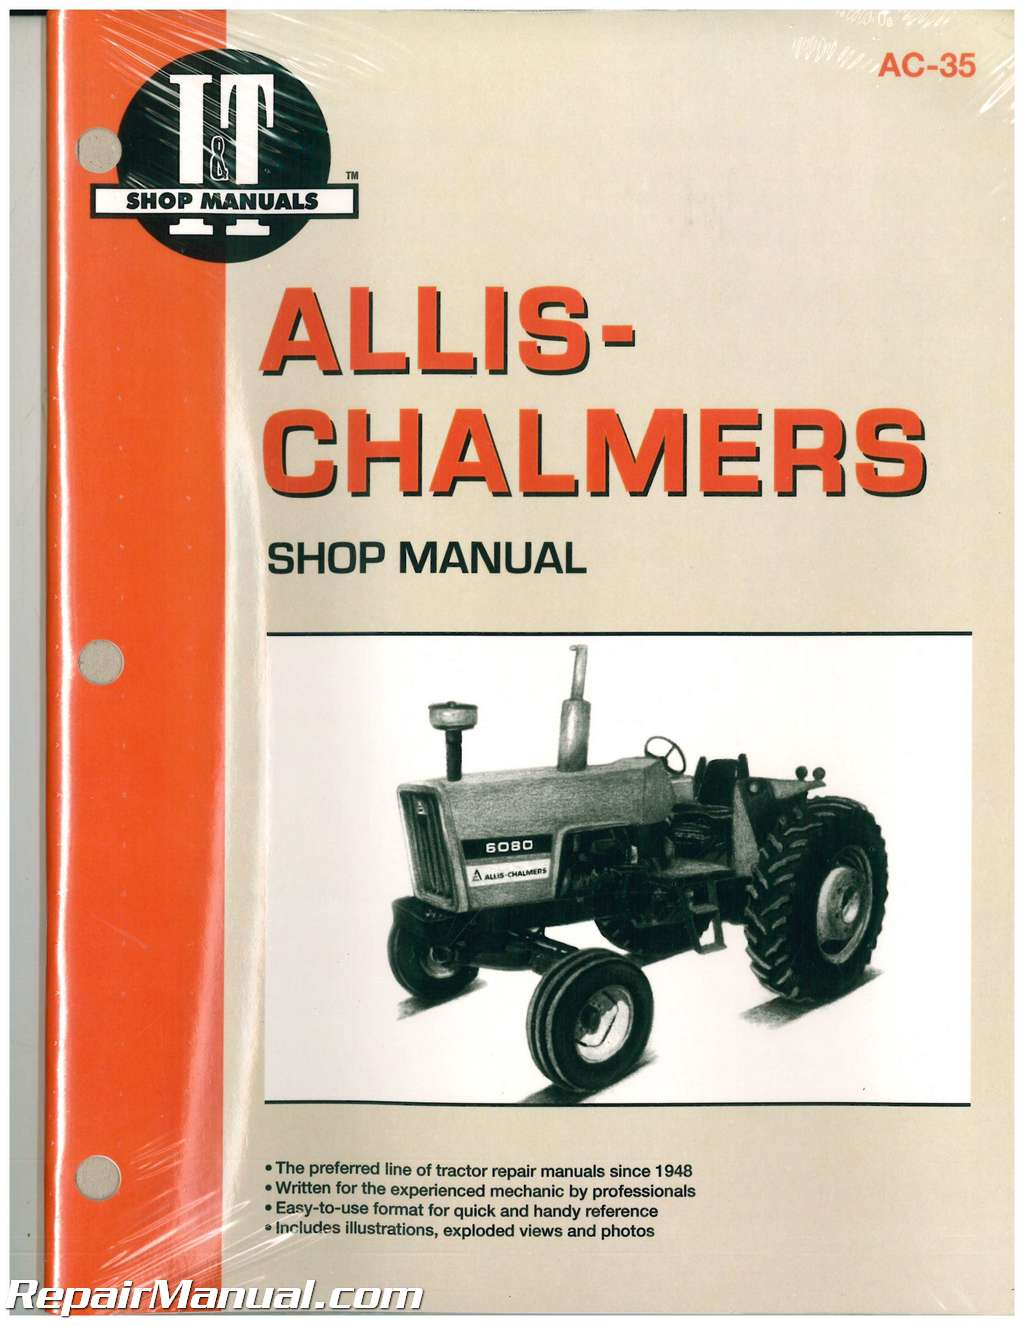 Repair Manuals For Tractors : Allis chalmers shop service farm tractor manual